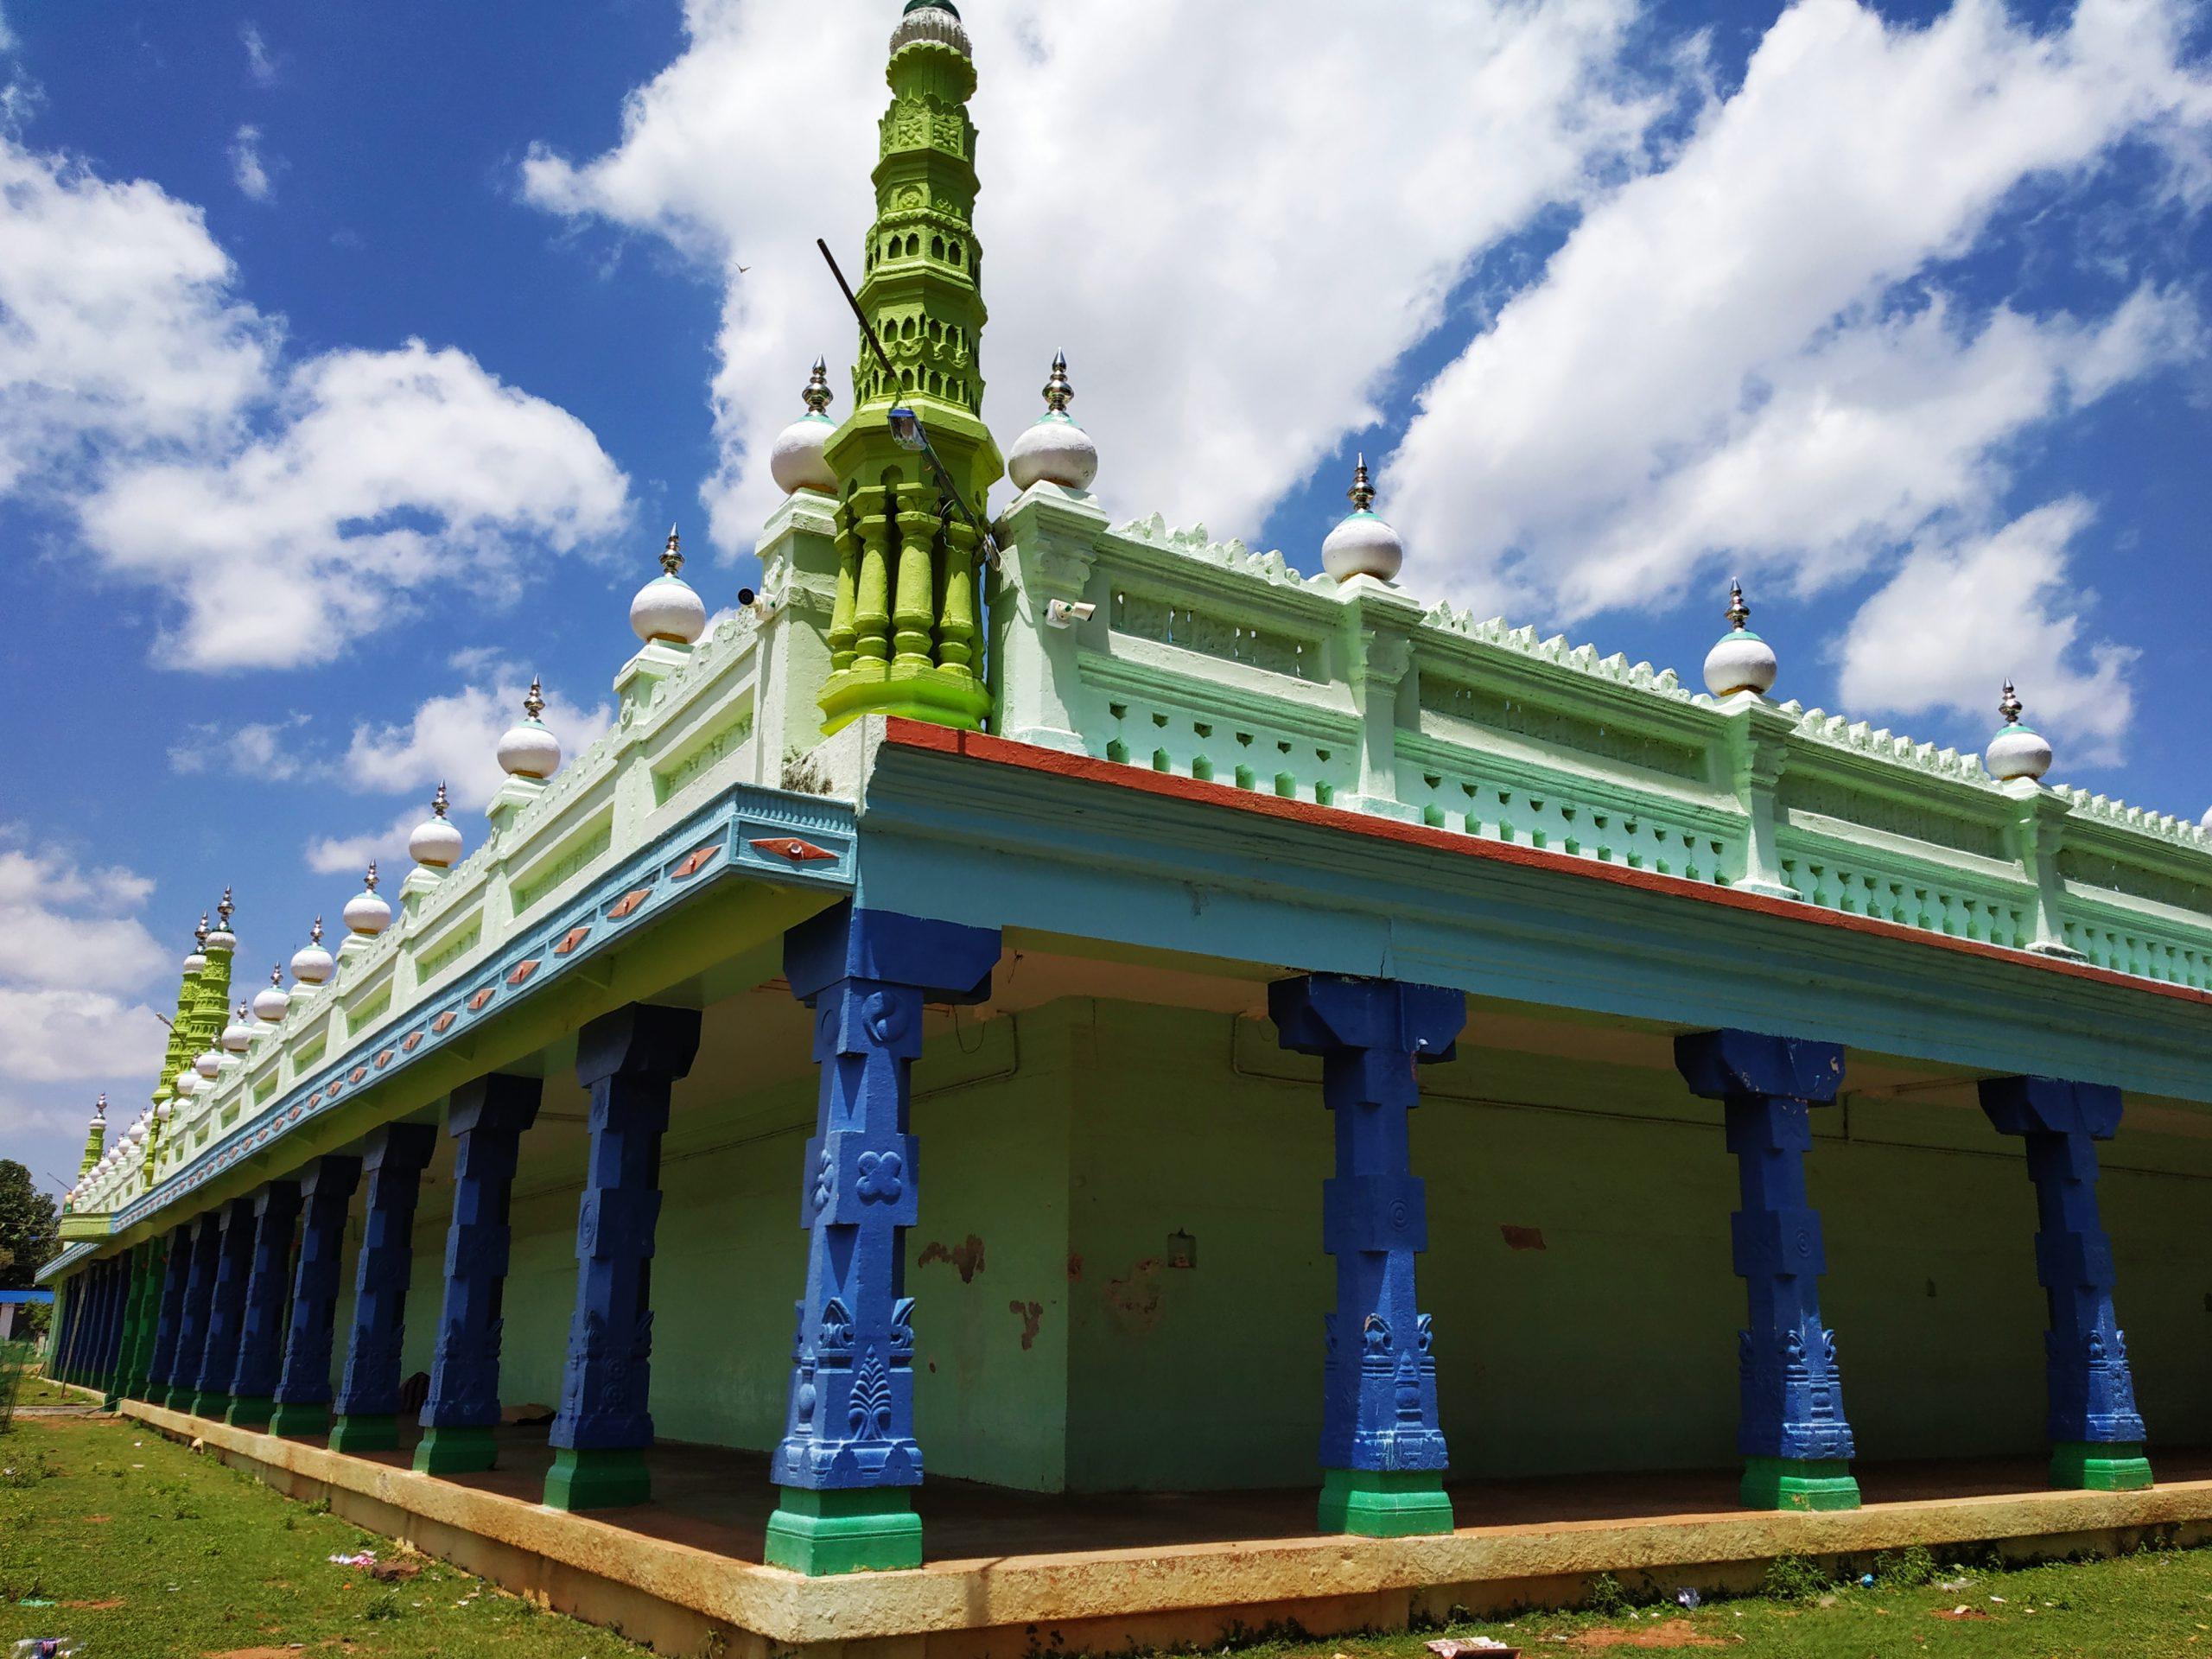 Pillars of a Dargah